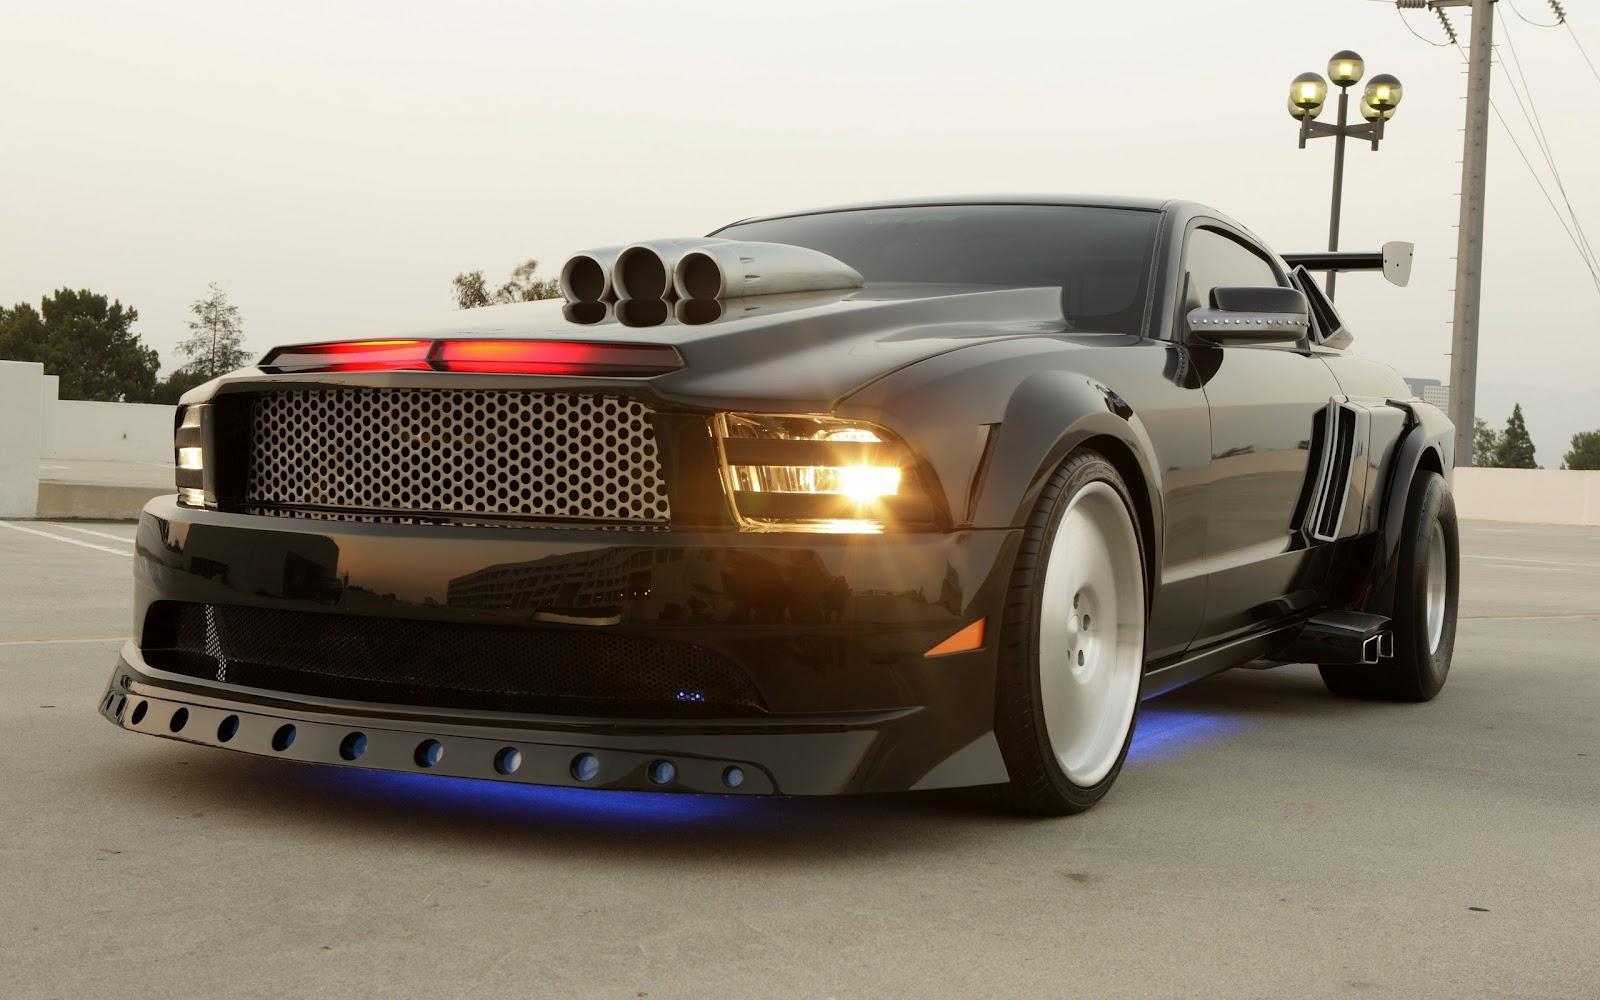 Imagenes de carros deportivos